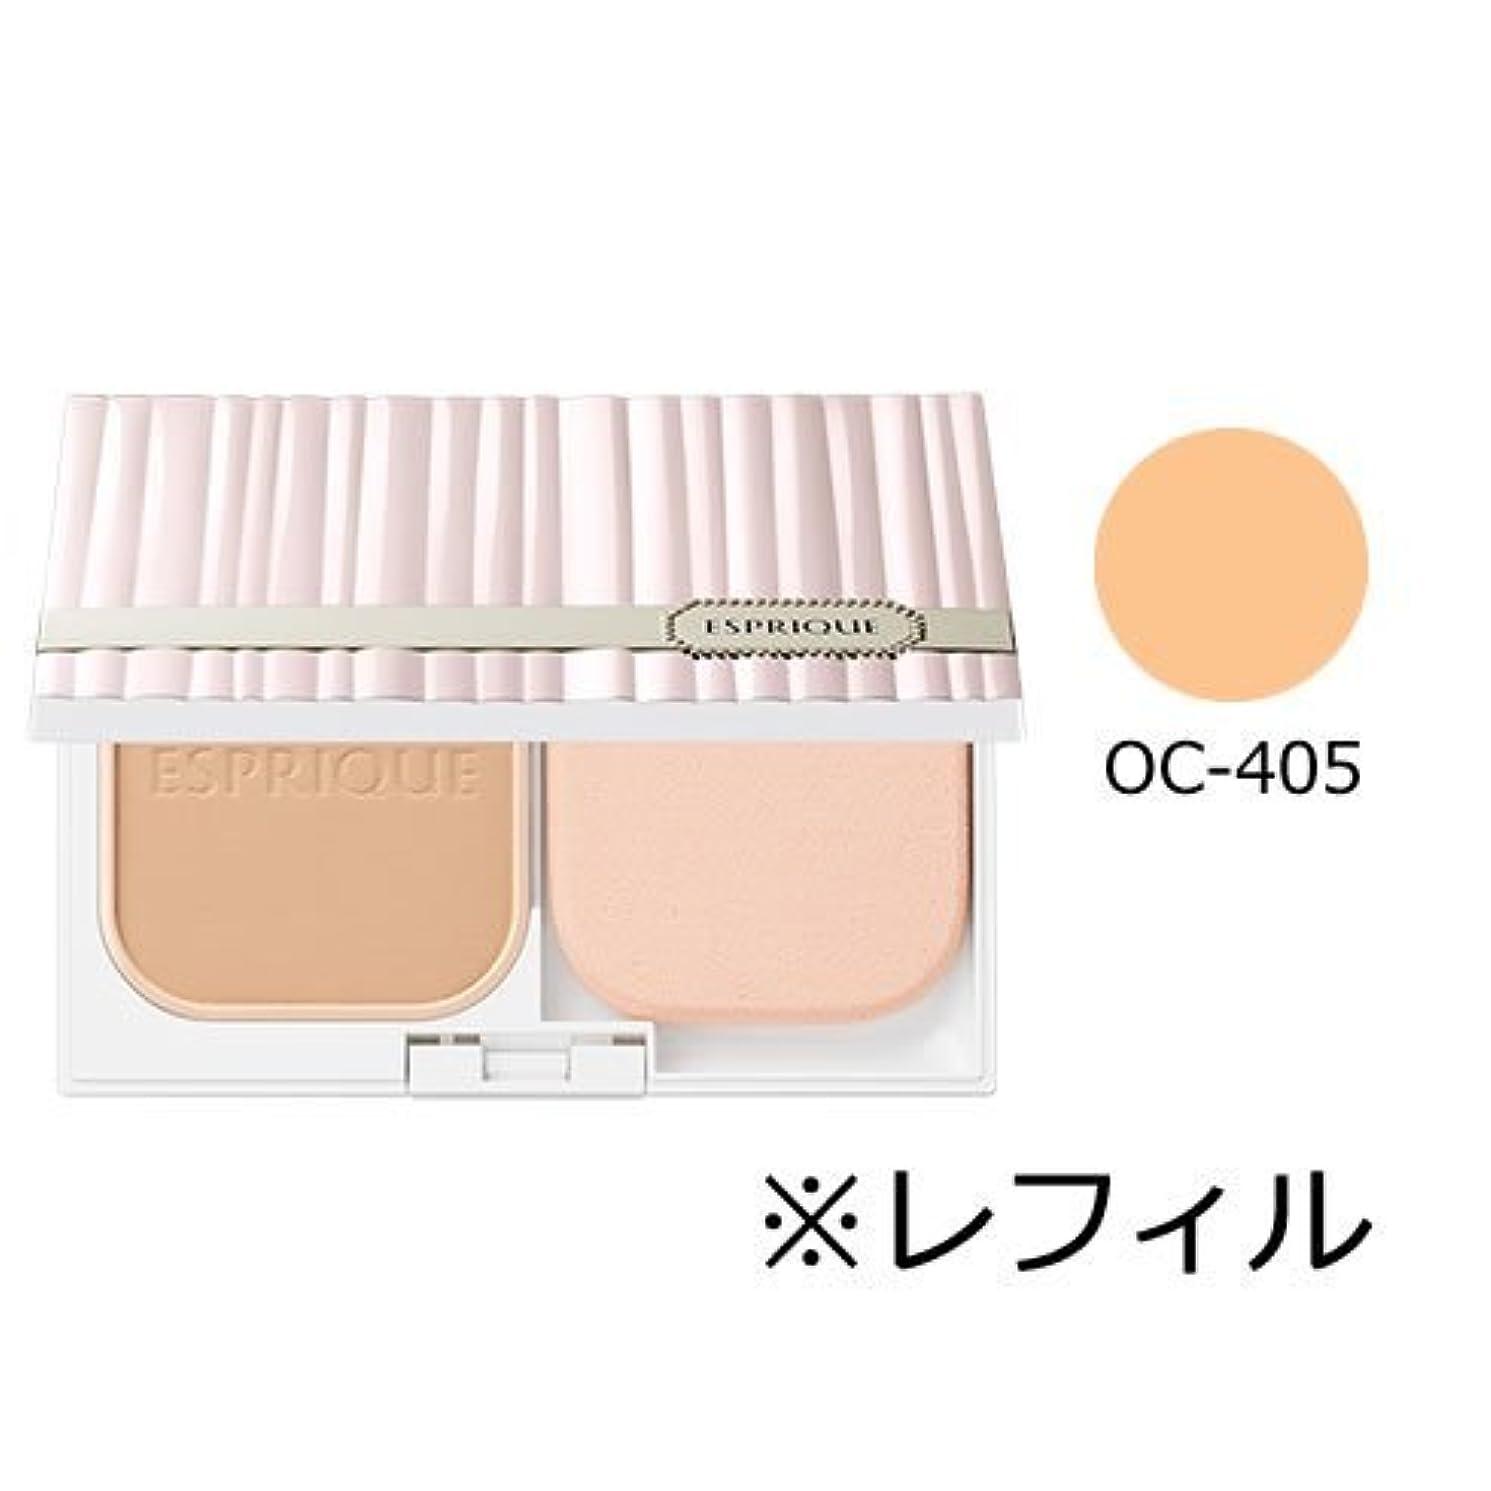 包括的グラマー腐ったコーセー エスプリーク ピュアスキン パクト UV OC-405 レフィル [並行輸入品]